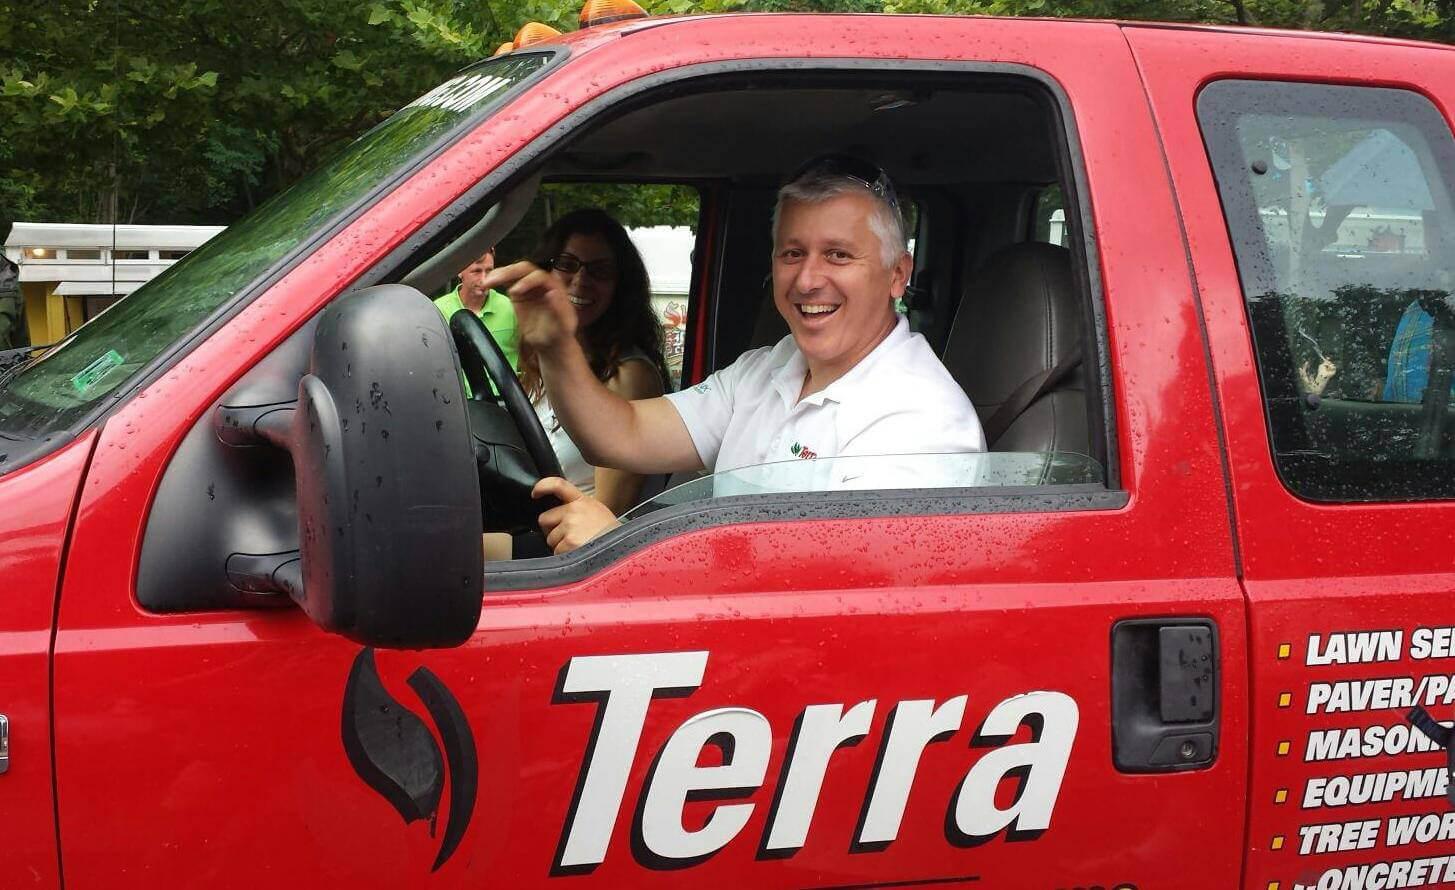 Fred Oskanian 1 Terra Lawn Care Specialists